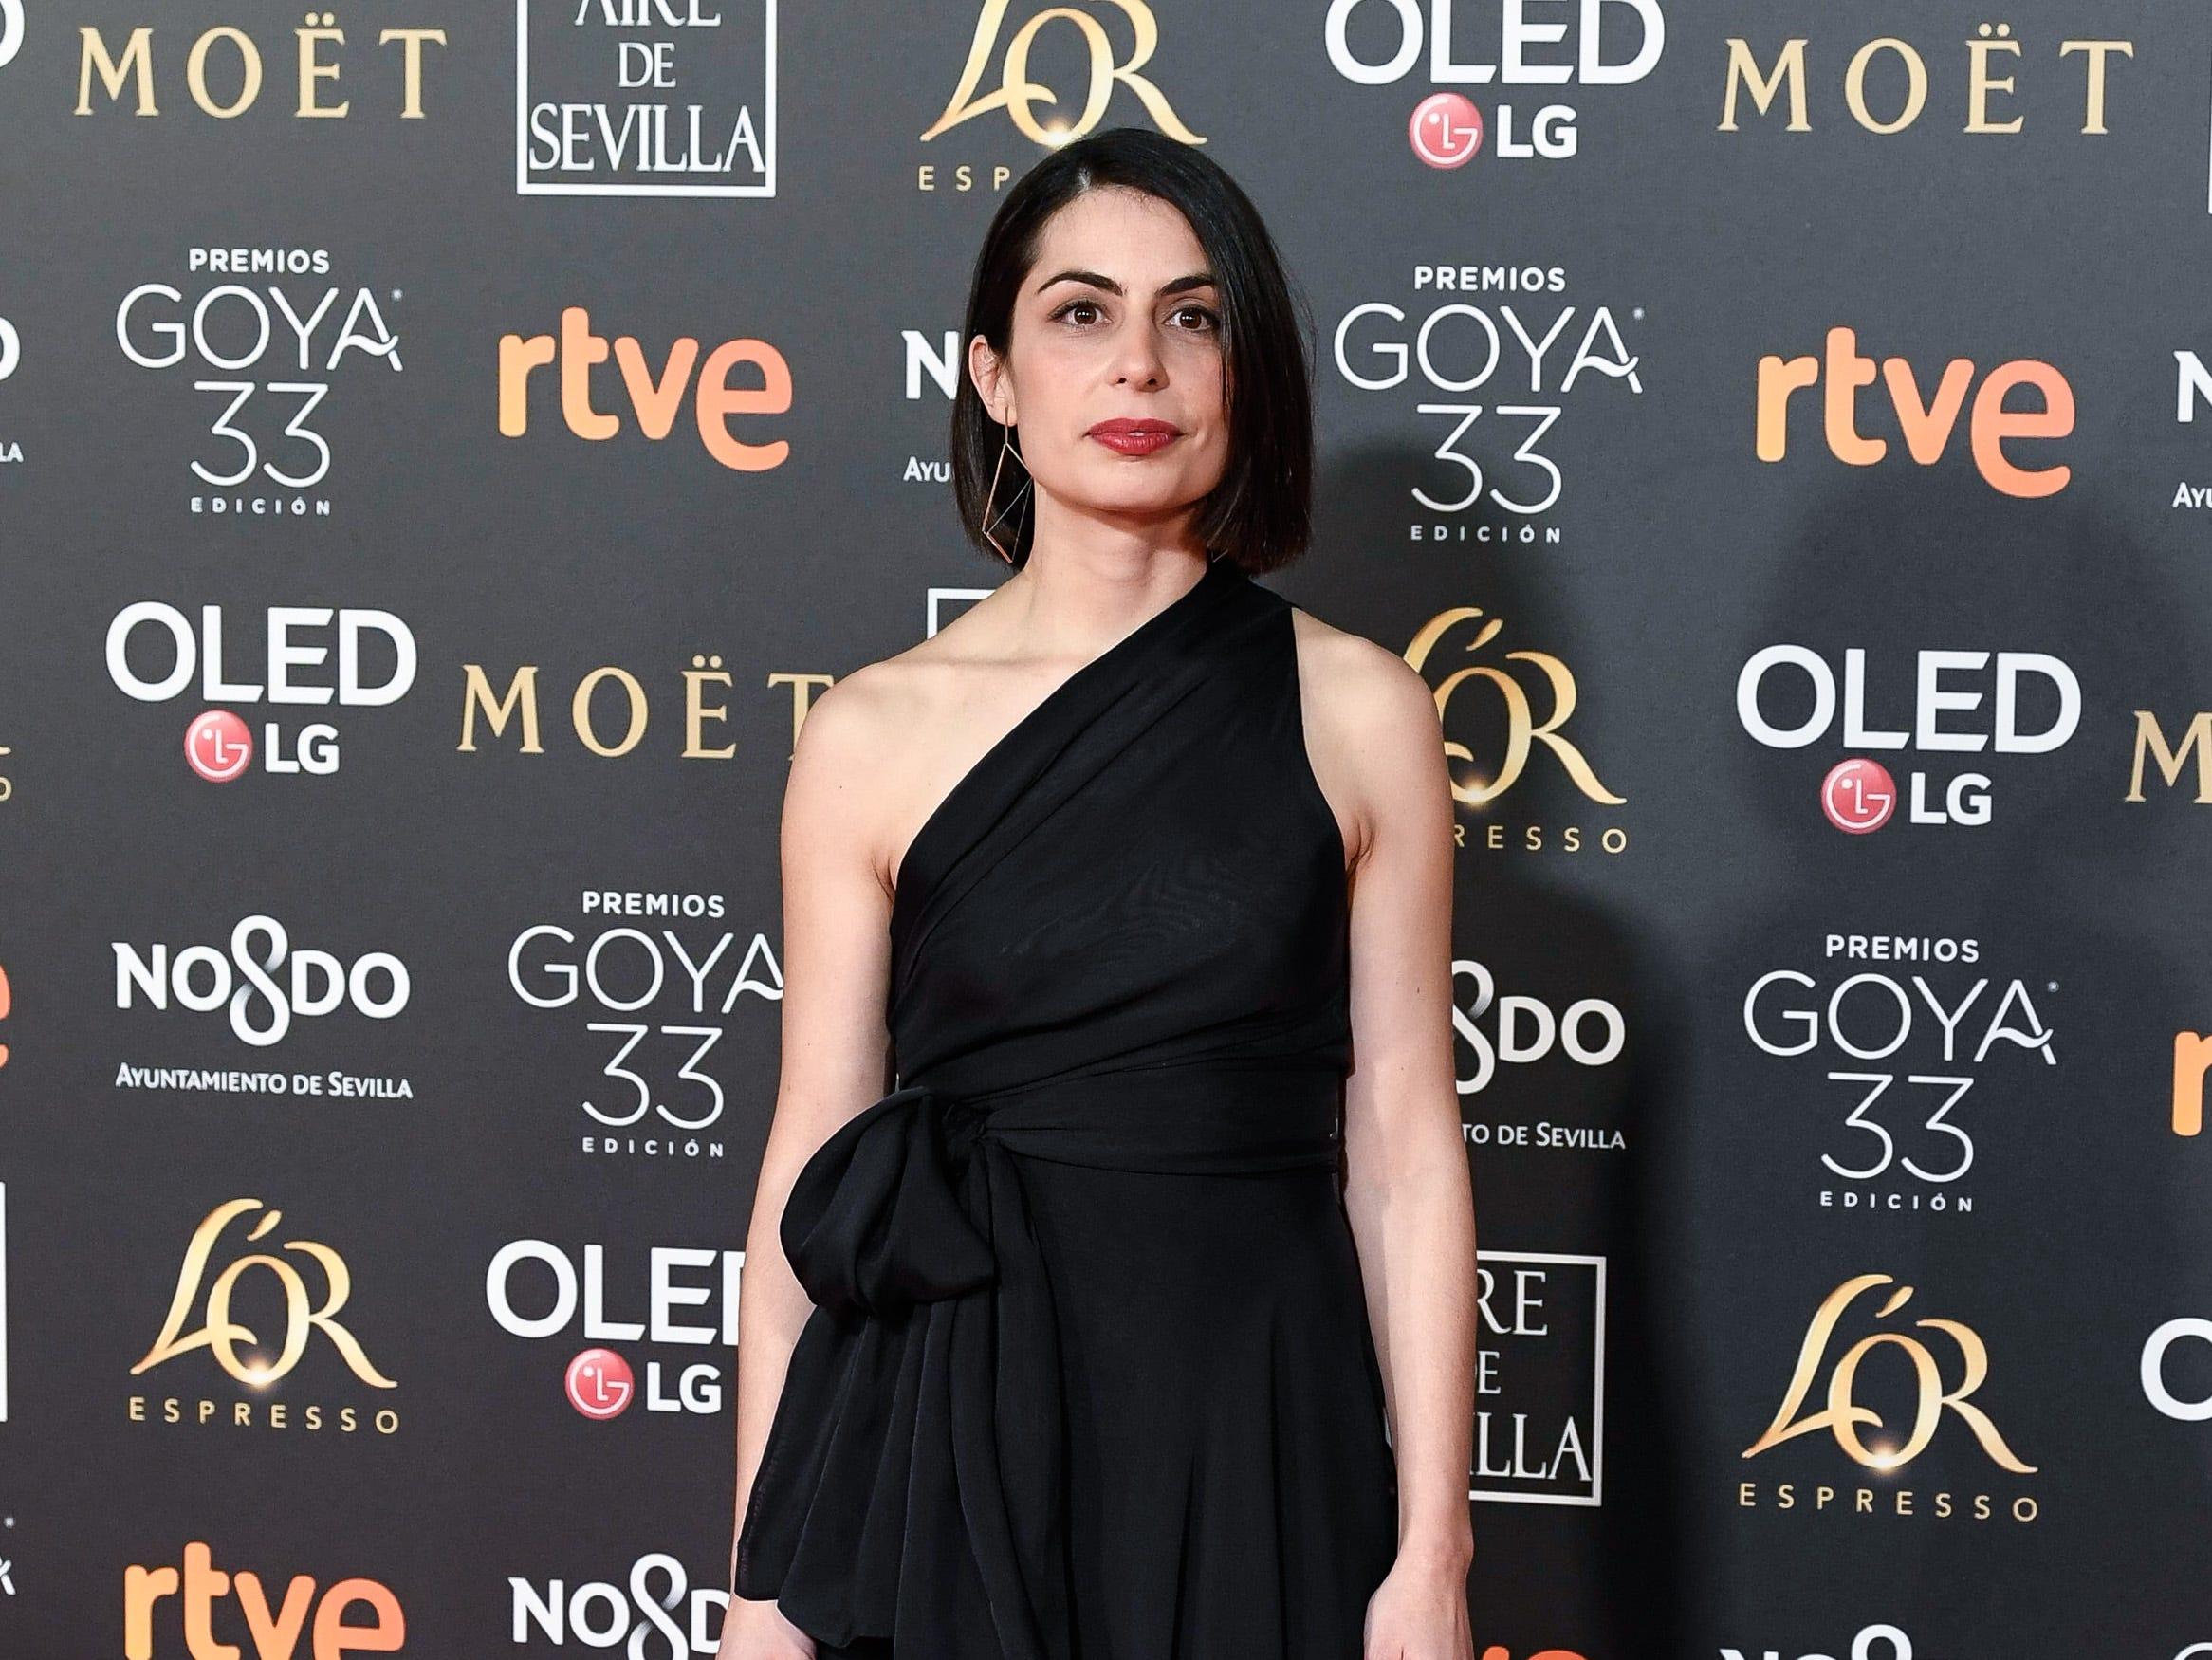 Celia Rico asiste a la 33ª edición de los Premios de Cine Goya en el Palacio de Congresos y Exposiciones FIBES el 2 de febrero de 2019 en Sevilla, España.